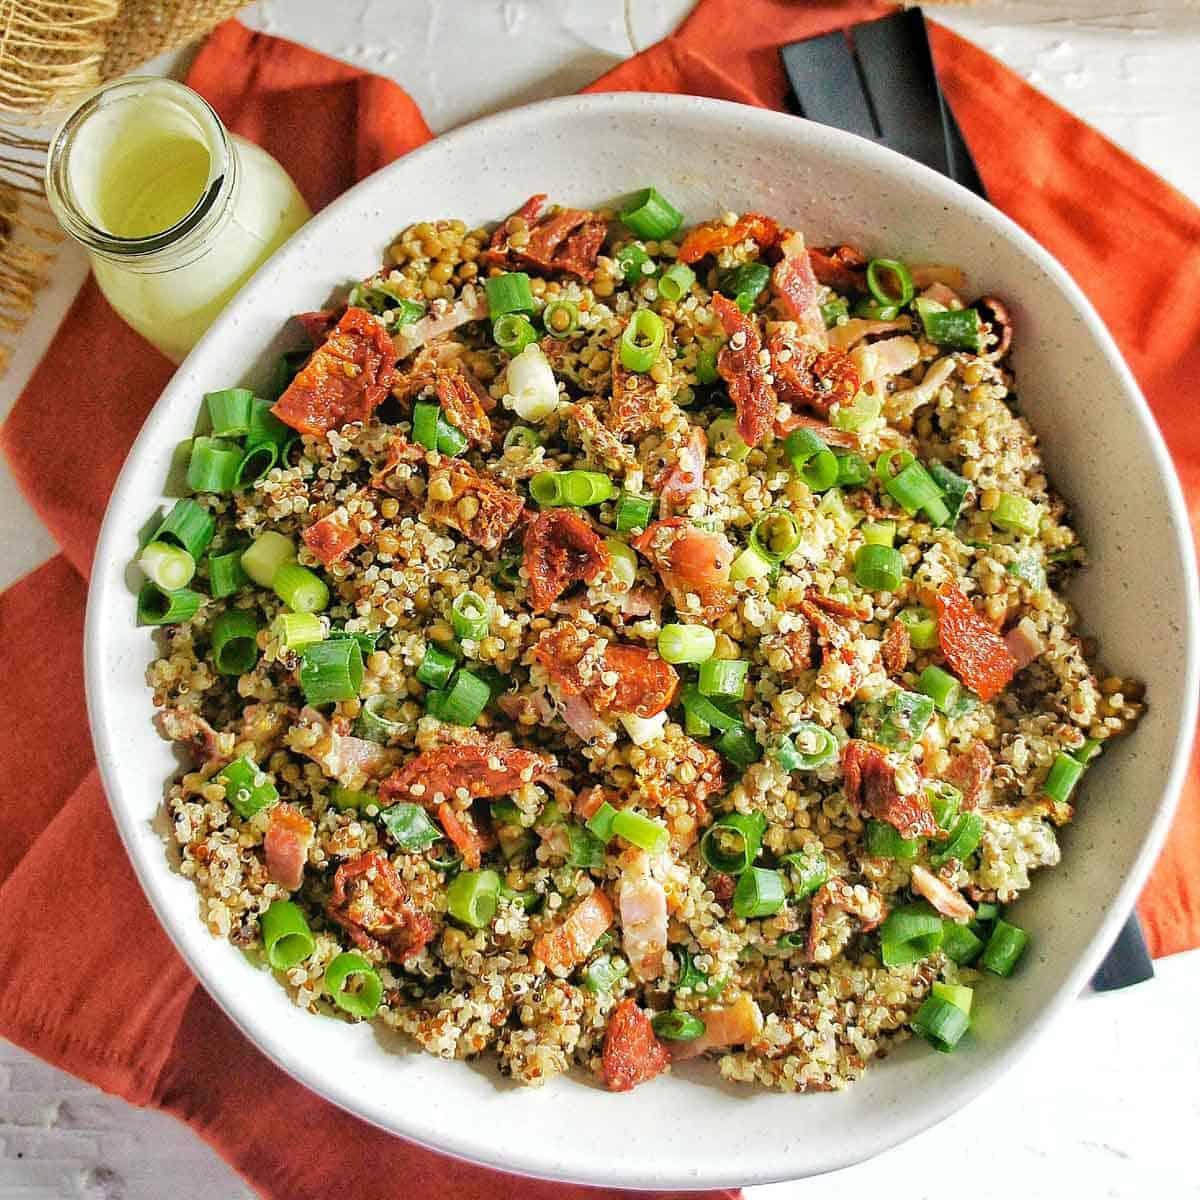 Sun dried tomato quinoa salad